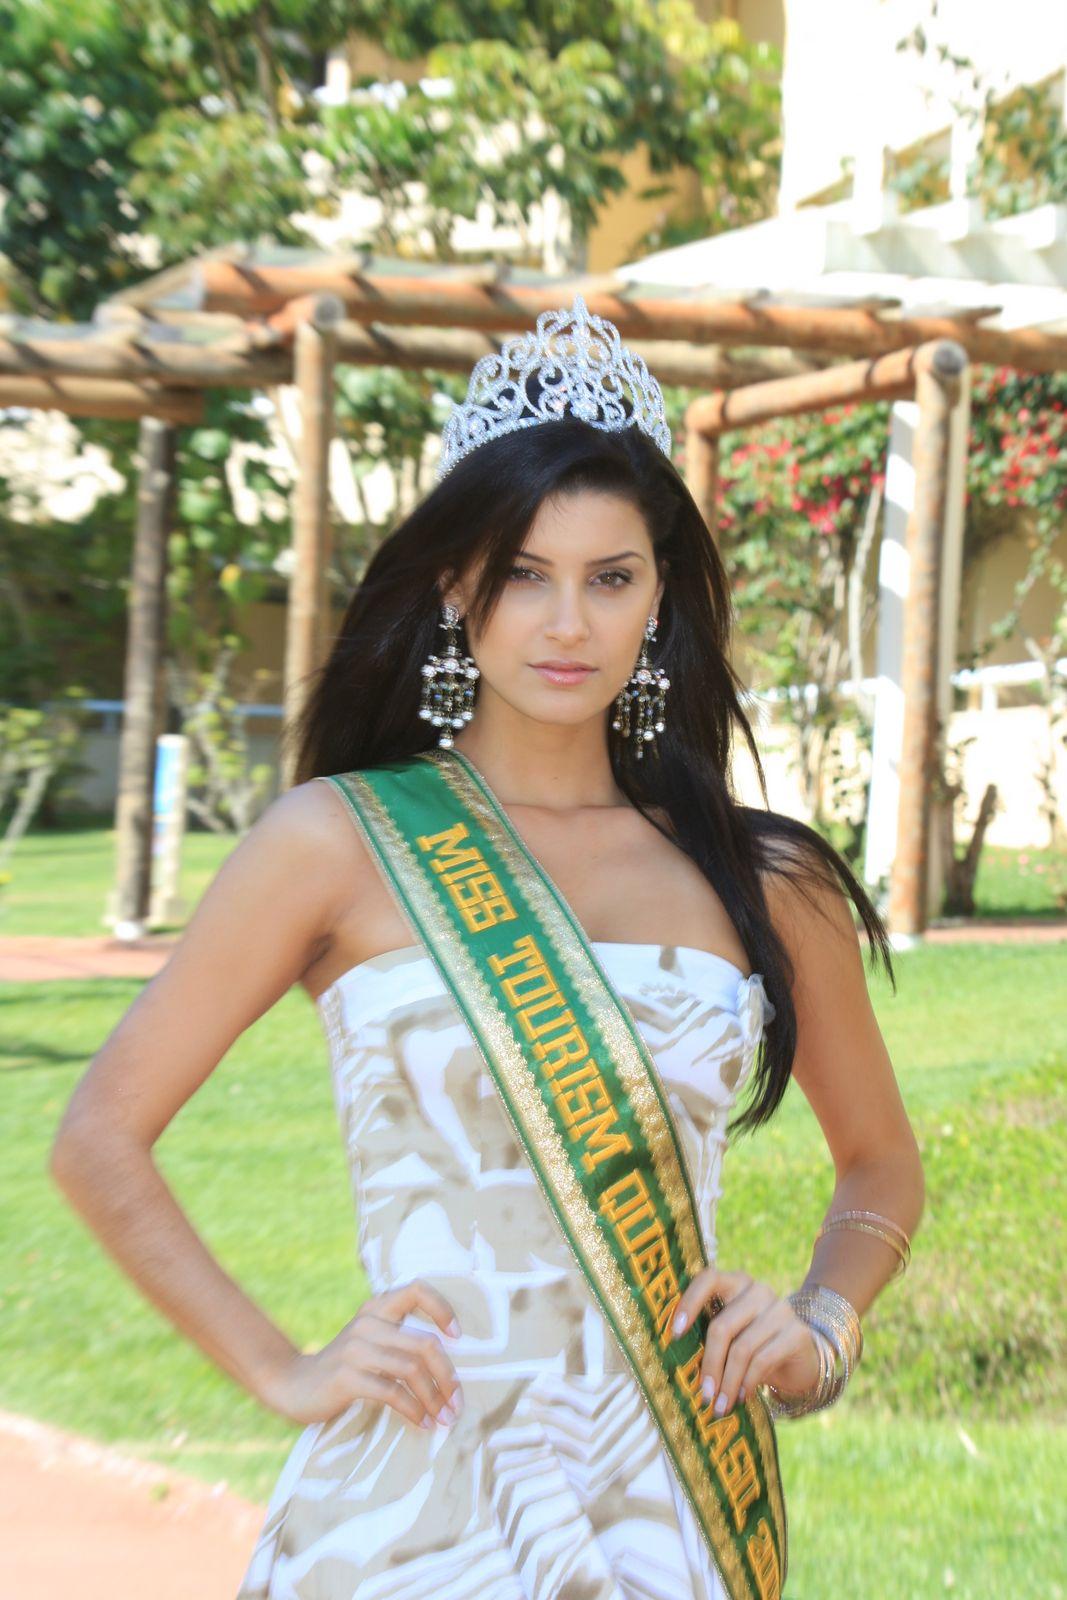 vivian noronha, rainha hispanoamericana 2008. suplente. - Página 4 E4lqkft6